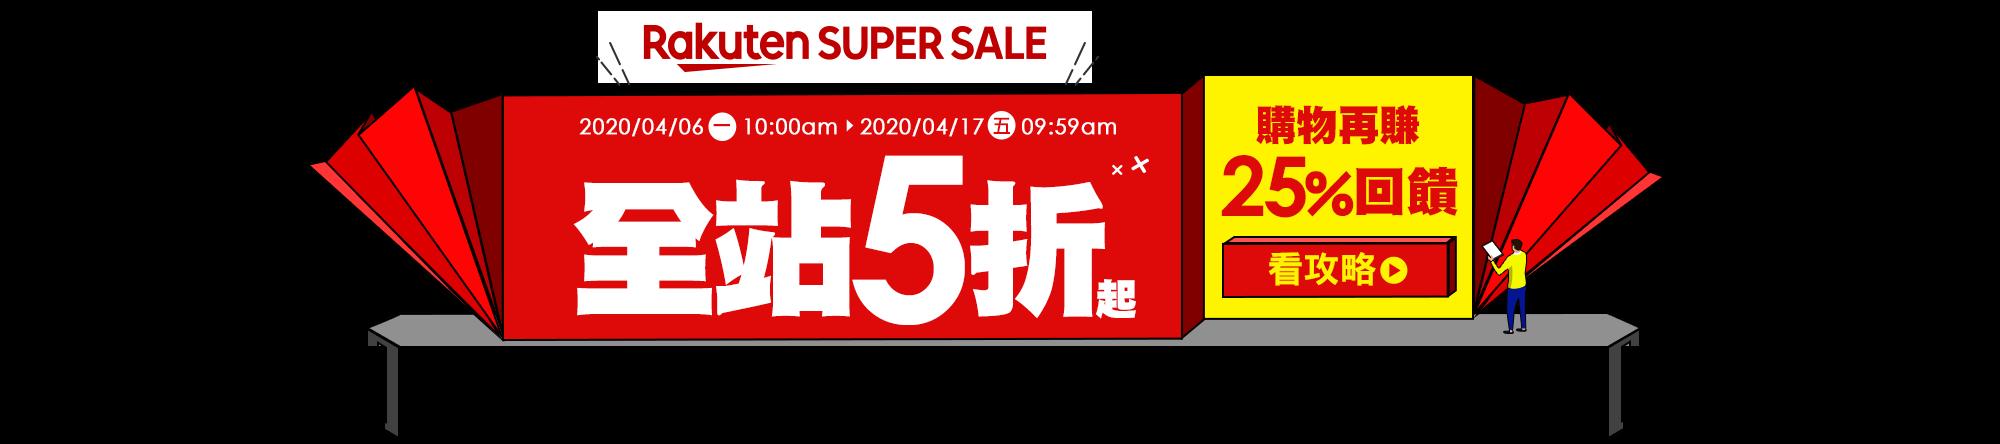 樂天SUPER SALE!整點特賣天天5折熱門商品,滿額賺25%回饋